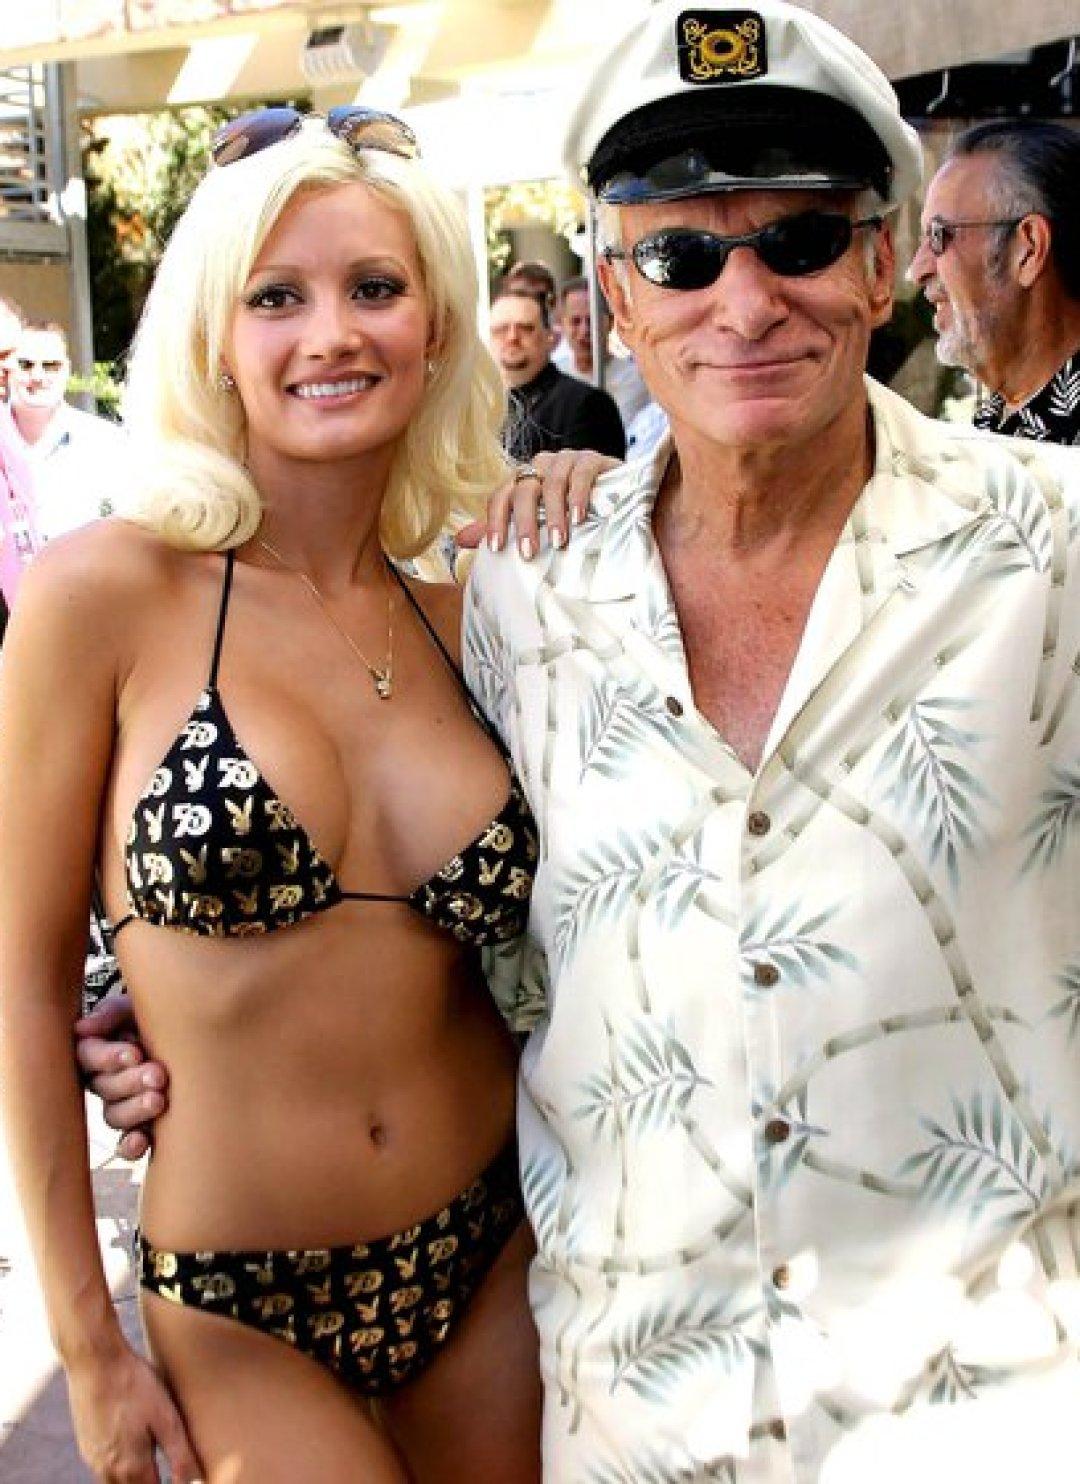 Holly Madison desnudó la vida sórdida que sufrían las conejitas en la mítica mansión Playboy (Shutterstock)